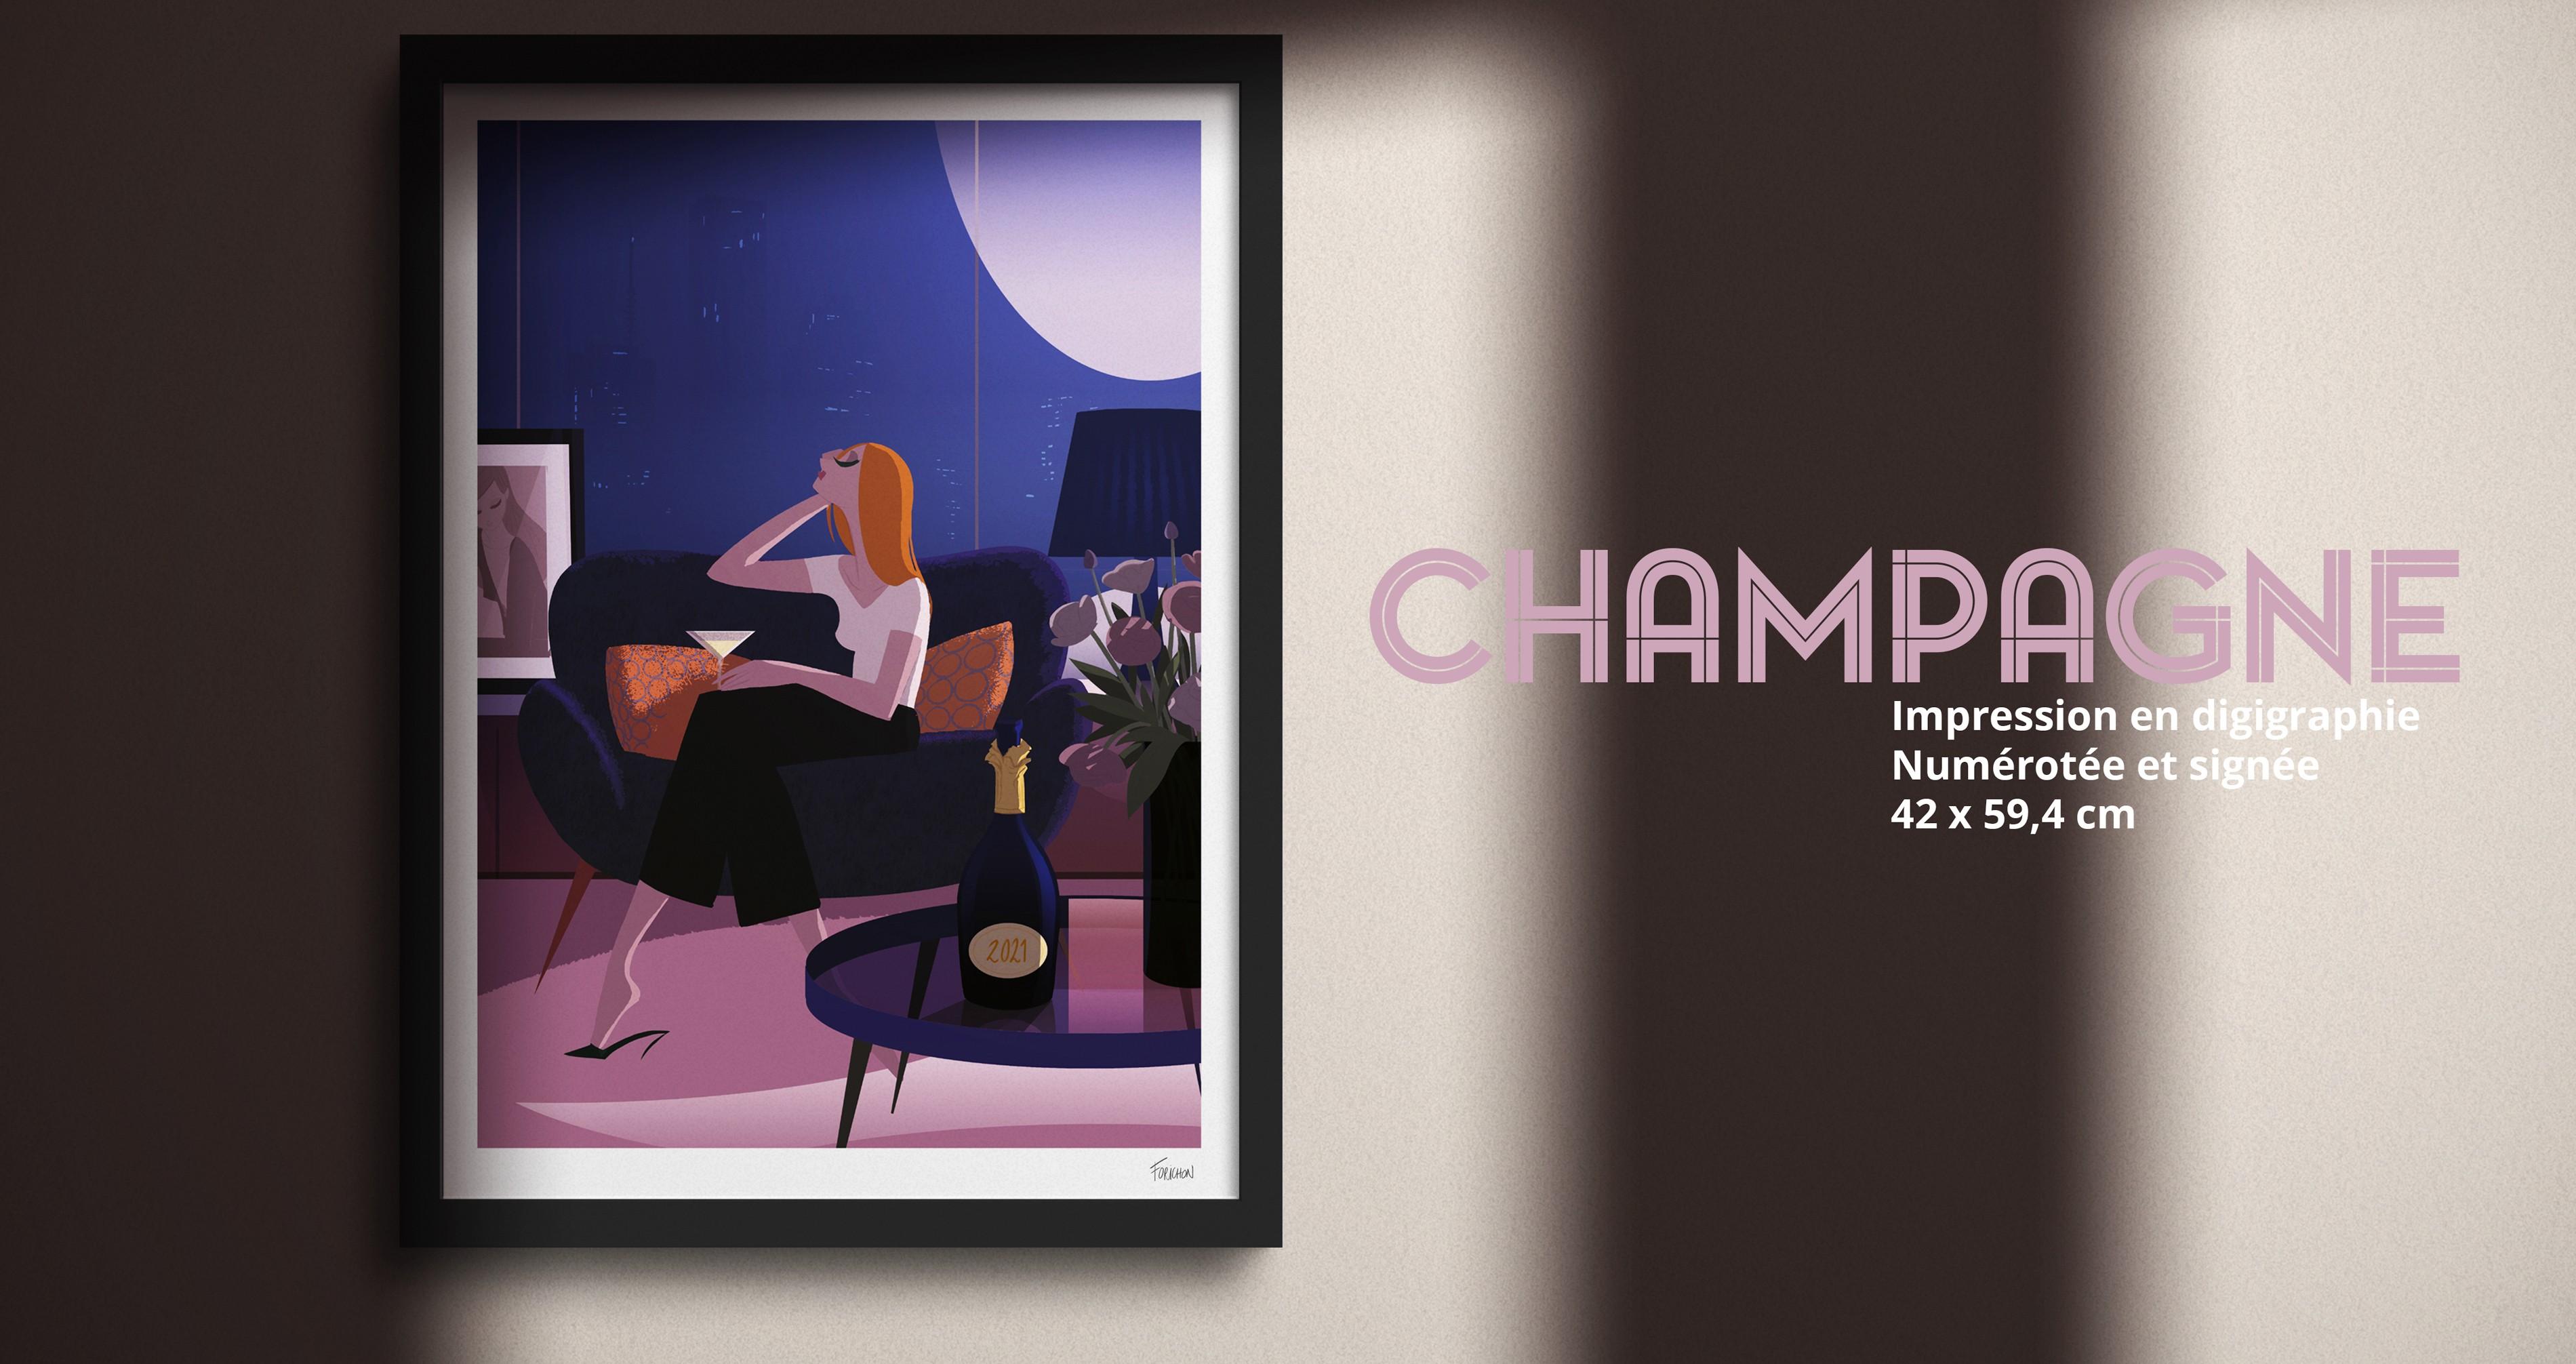 Champagne ! de Matthieu Forichon